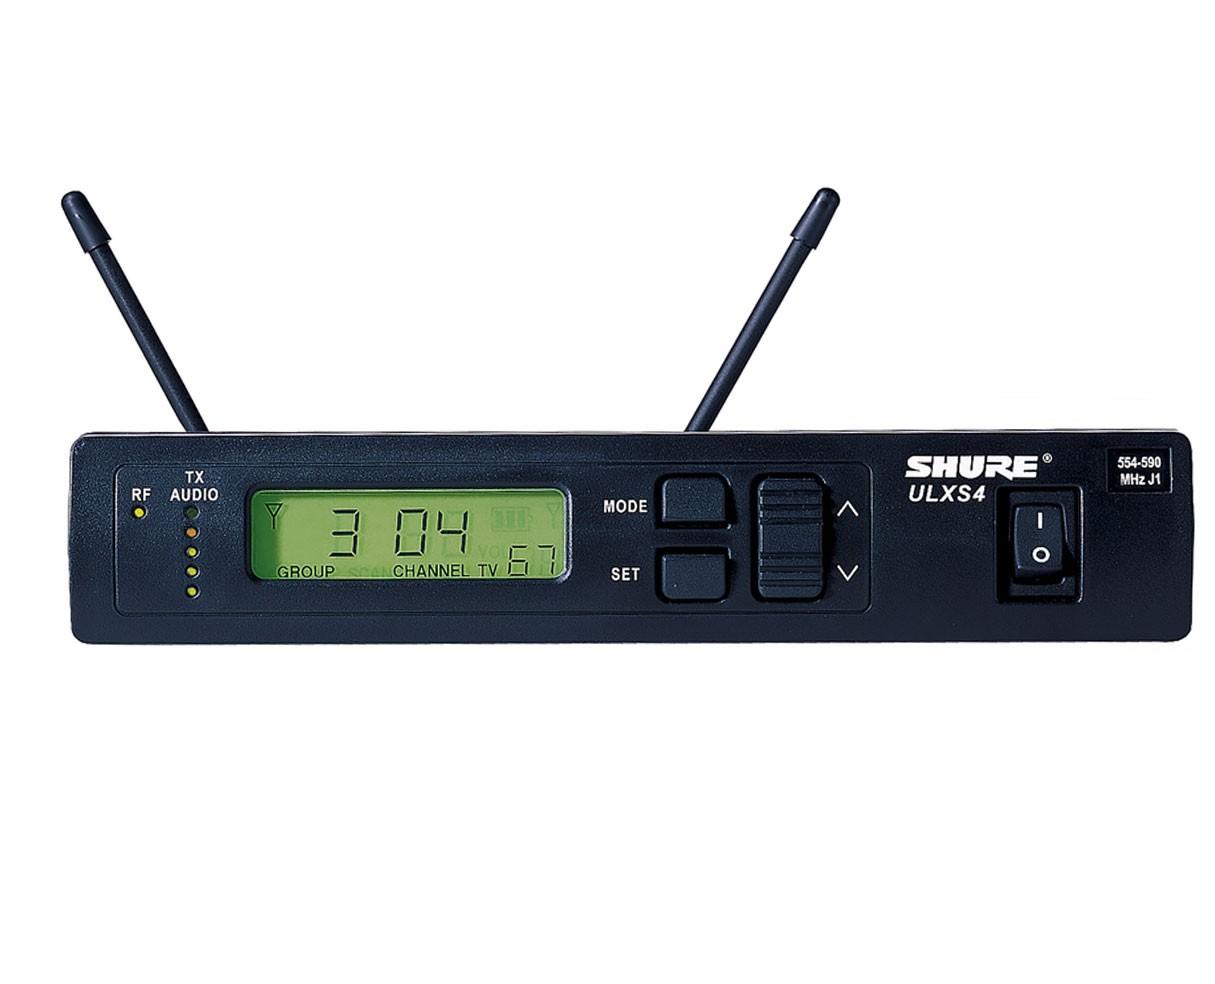 Shure ULXS4 (Band J1)